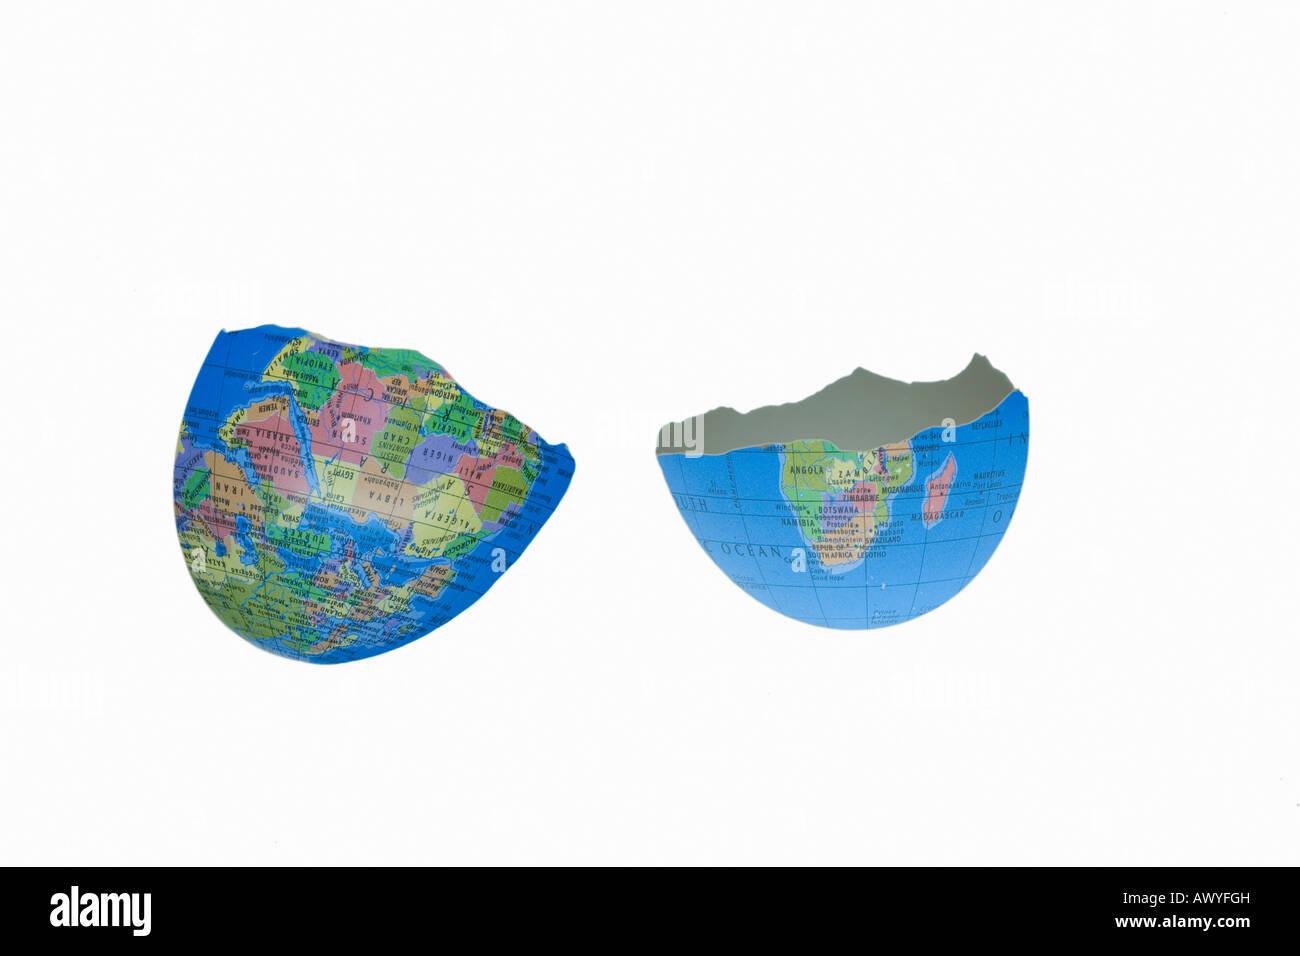 egg shaped globe - Stock Image